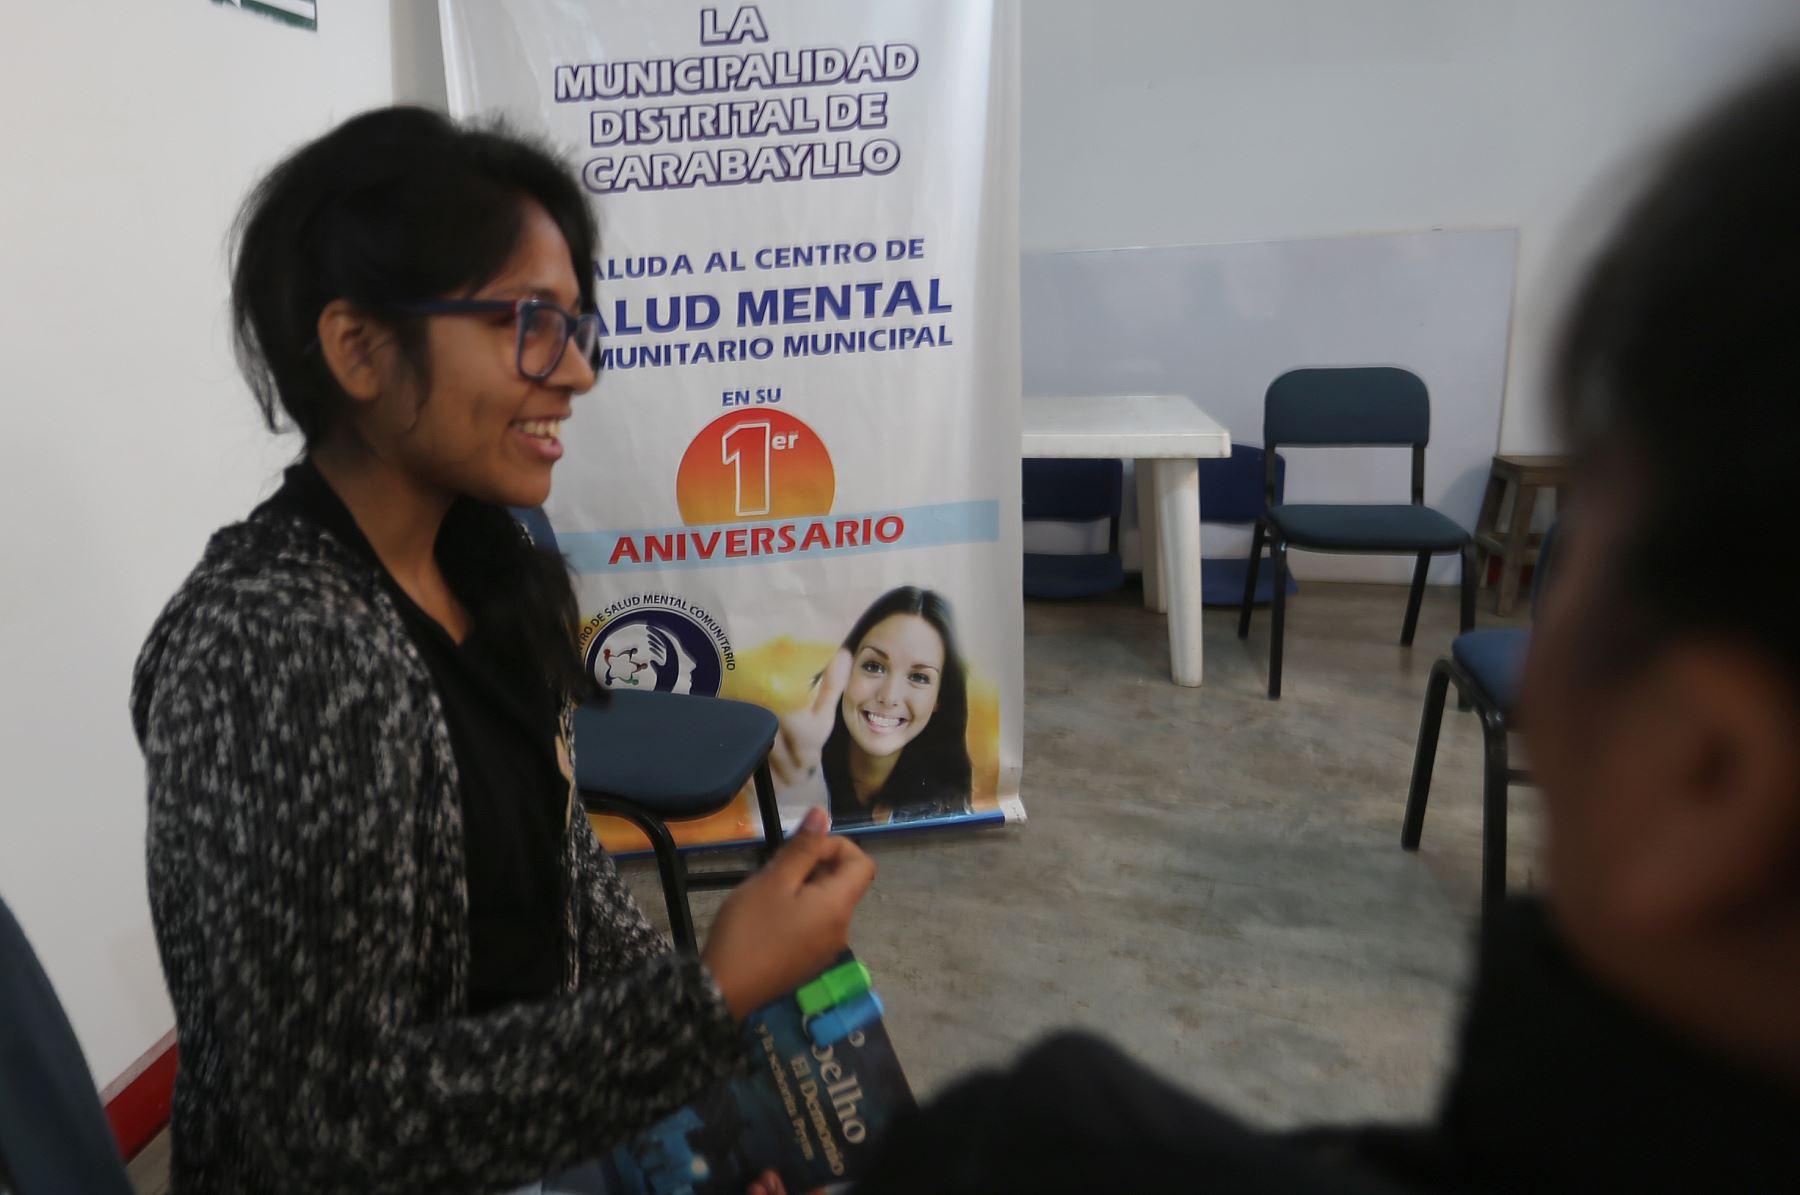 La presencia de centros de salud mental comunitaria garantiza a las familias la cercanía a un servicio especializado. ANDINA/Jhony Laurente